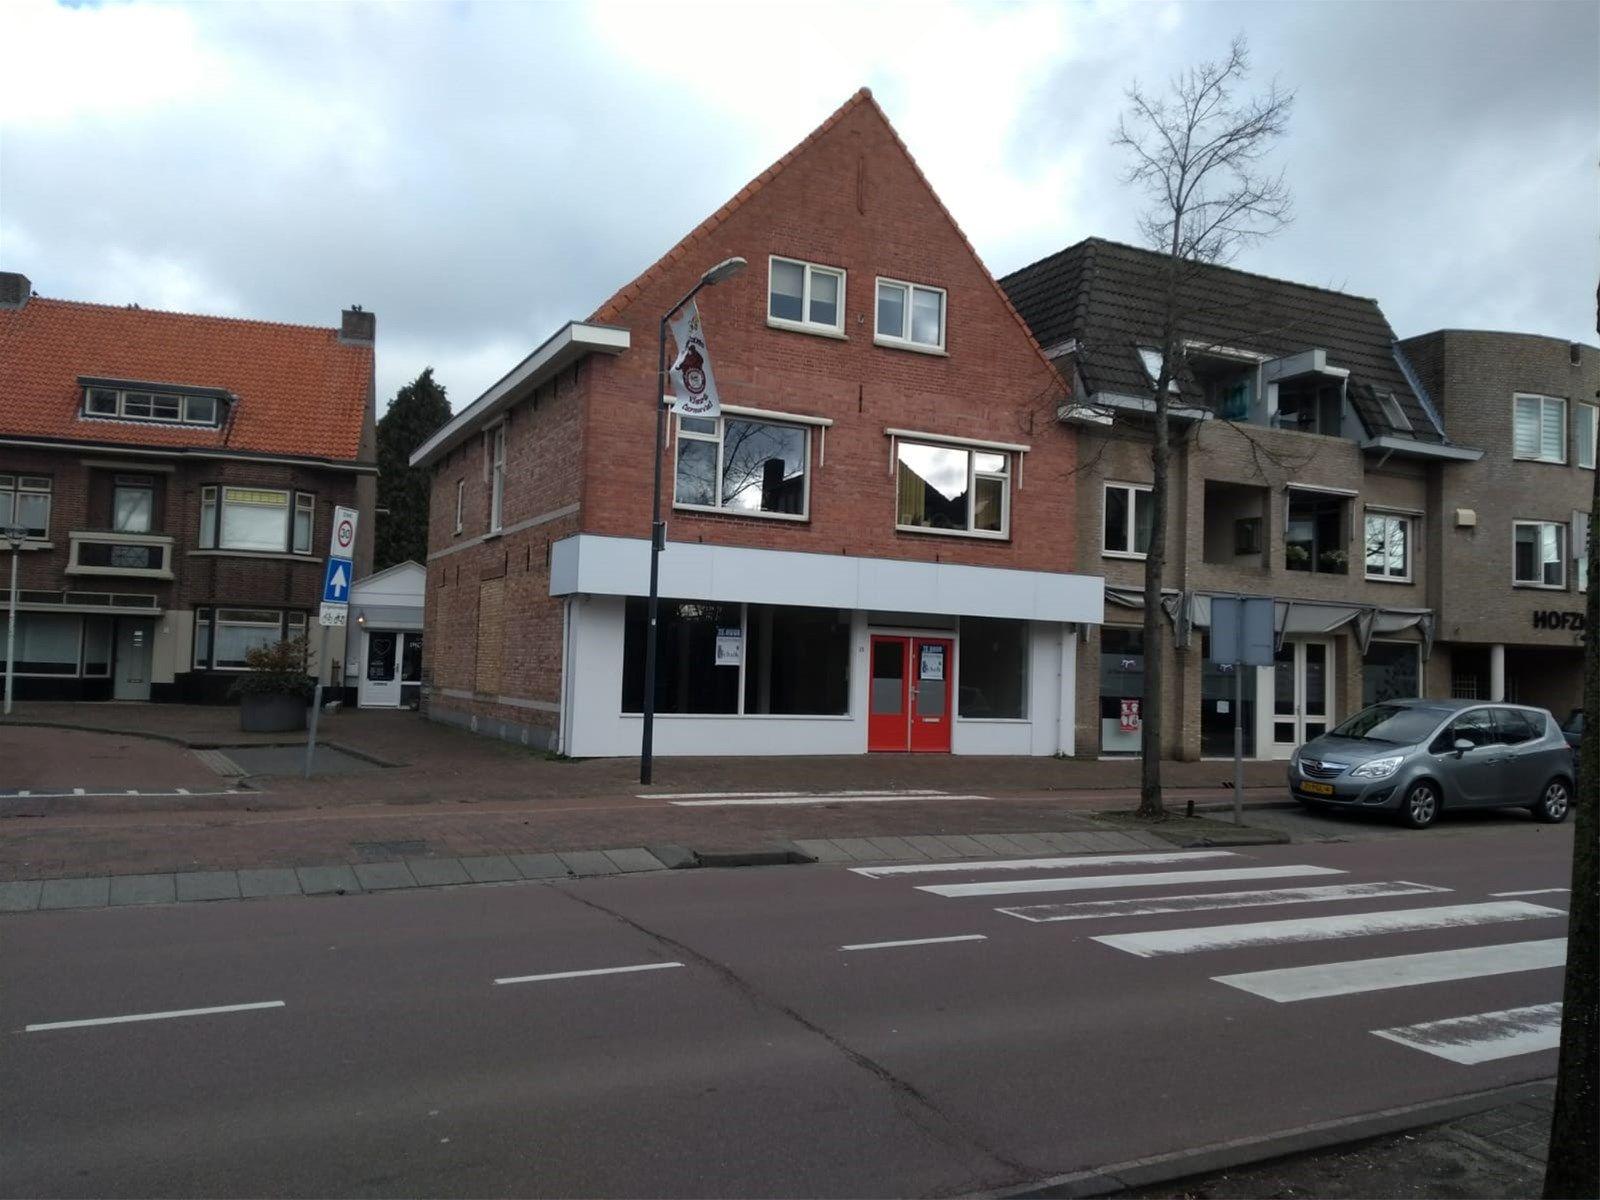 Bedrijfsruimte met magazijn gelegen in de hoofdstraat aan de doorgaande weg van Rijsbergen naar Zundert en  Rijsbergen naar Breda.   De Sint Bavostraat wordt gekenmerkt door de aanwezigheid van diverse winkels zoals een bakkerij, drogisterij, bloembinderij, kledingzaak, slijterij, supermarkt e.d..  Momenteel is er in de betreffende ruimte een winkel gevestigd. De verdieping boven de bedrijfsruimte is momenteel in gebruik als woonruimte en kapsalon en behoort niet tot de aangeboden bedrijfsruimte.  INDELING  Het betreft een open ruimte met een betonnen vloer welke is afgewerkt met vloertegels en zeil. De wanden zijn voorzien van stucwerk en het plafond is uitgevoerd in systeemplaten. De voorpui van de ruimte bestaat uit grote raampartijen welke voor veel lichtinval zorgen. Er is een magazijn aanwezig met aparte ingang en een keukentje met toilet en voorraadkast.  BESTEMMING Het object is gelegen in het bestemmingsplan -Centrumgebied Rijsbergen- en heeft hierin de enkelbestemming -Centrum- en dubbelbestemming -Waarde-Archeologie 2 met bouwvlak- en functieaanduiding -detailhandel-. Dit bestemmingsplan is vastgesteld op 13 december 2012.  OVERIGE INFORMATIE  Bruto vloeroppervlakte bedrijfsruimte- circa 269 m². Verkoop vloeroppervlakte bedrijfsruimte- circa 243 m². Bruto vloeroppervlakte toilet, facilitaire,- techniekruimte- circa 69,3 m². Verkoop vloeroppervlakte toilet, facilitaire,-techniekruimte- circa 57,8 m².